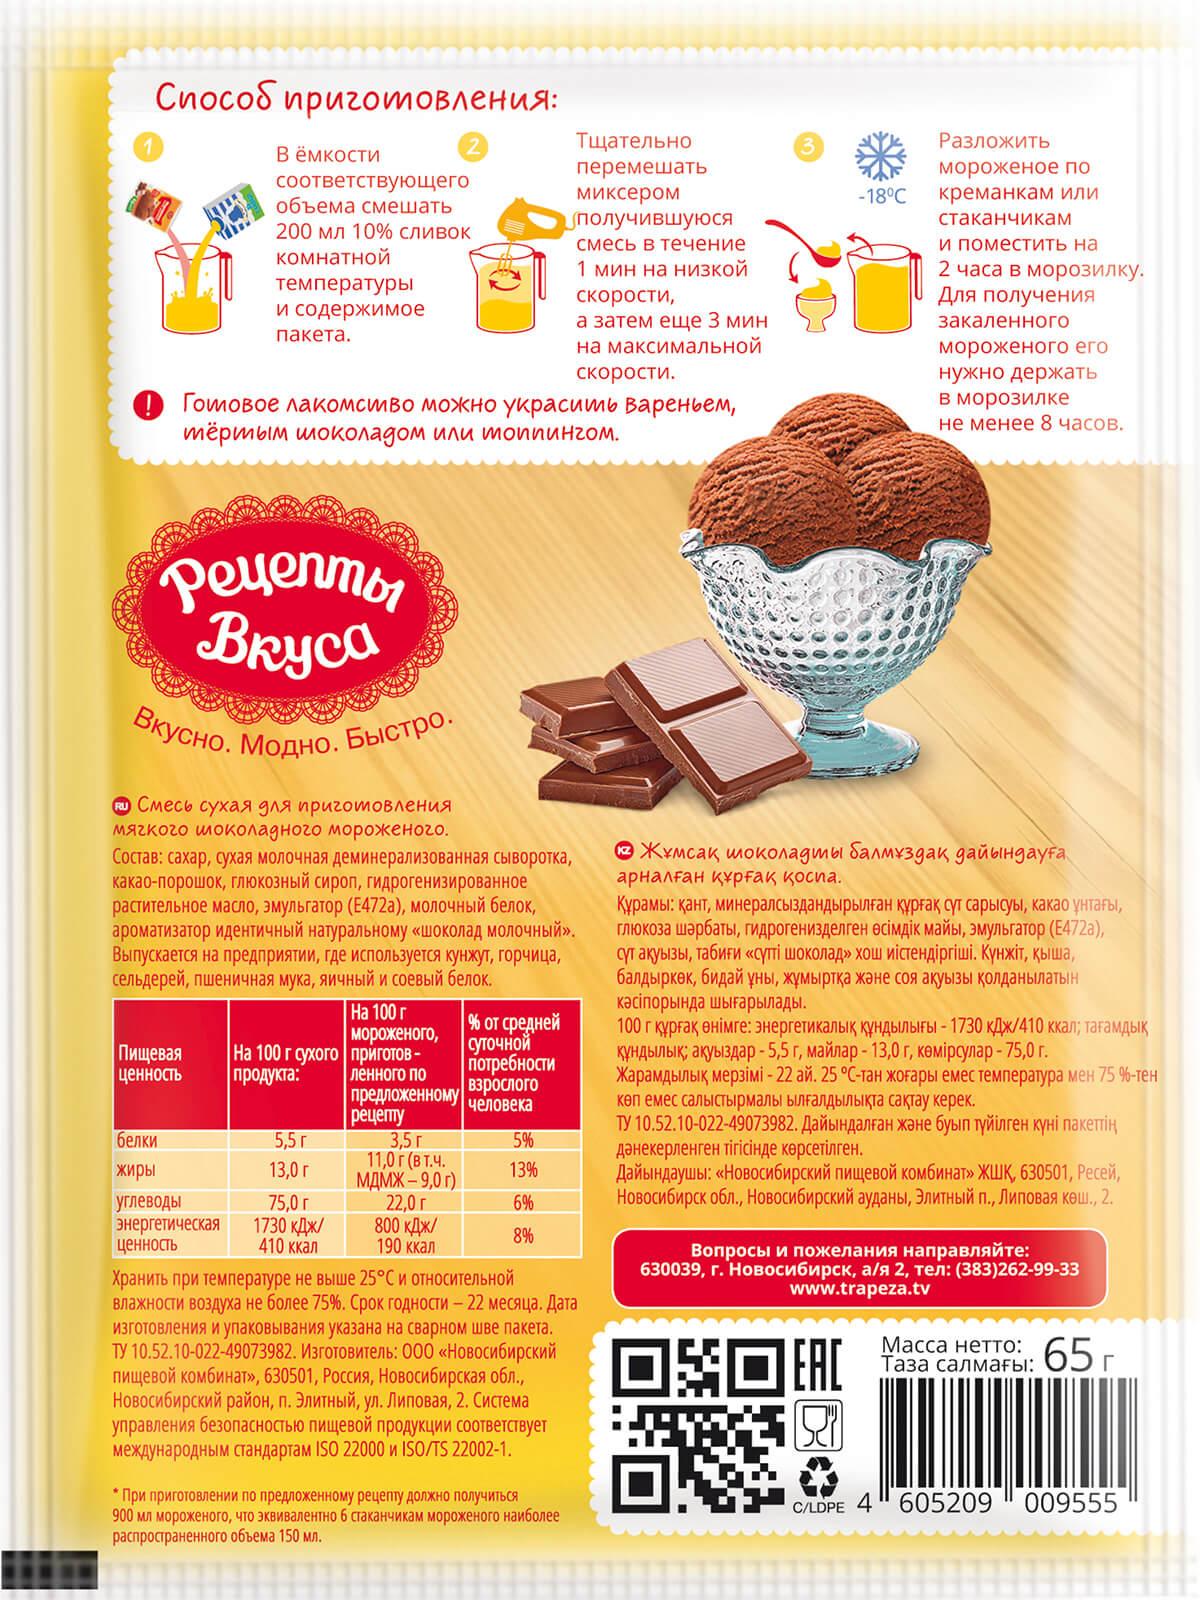 Смесь сухая для приготовления мягкого шоколадного мороженого Рецепты Вкуса